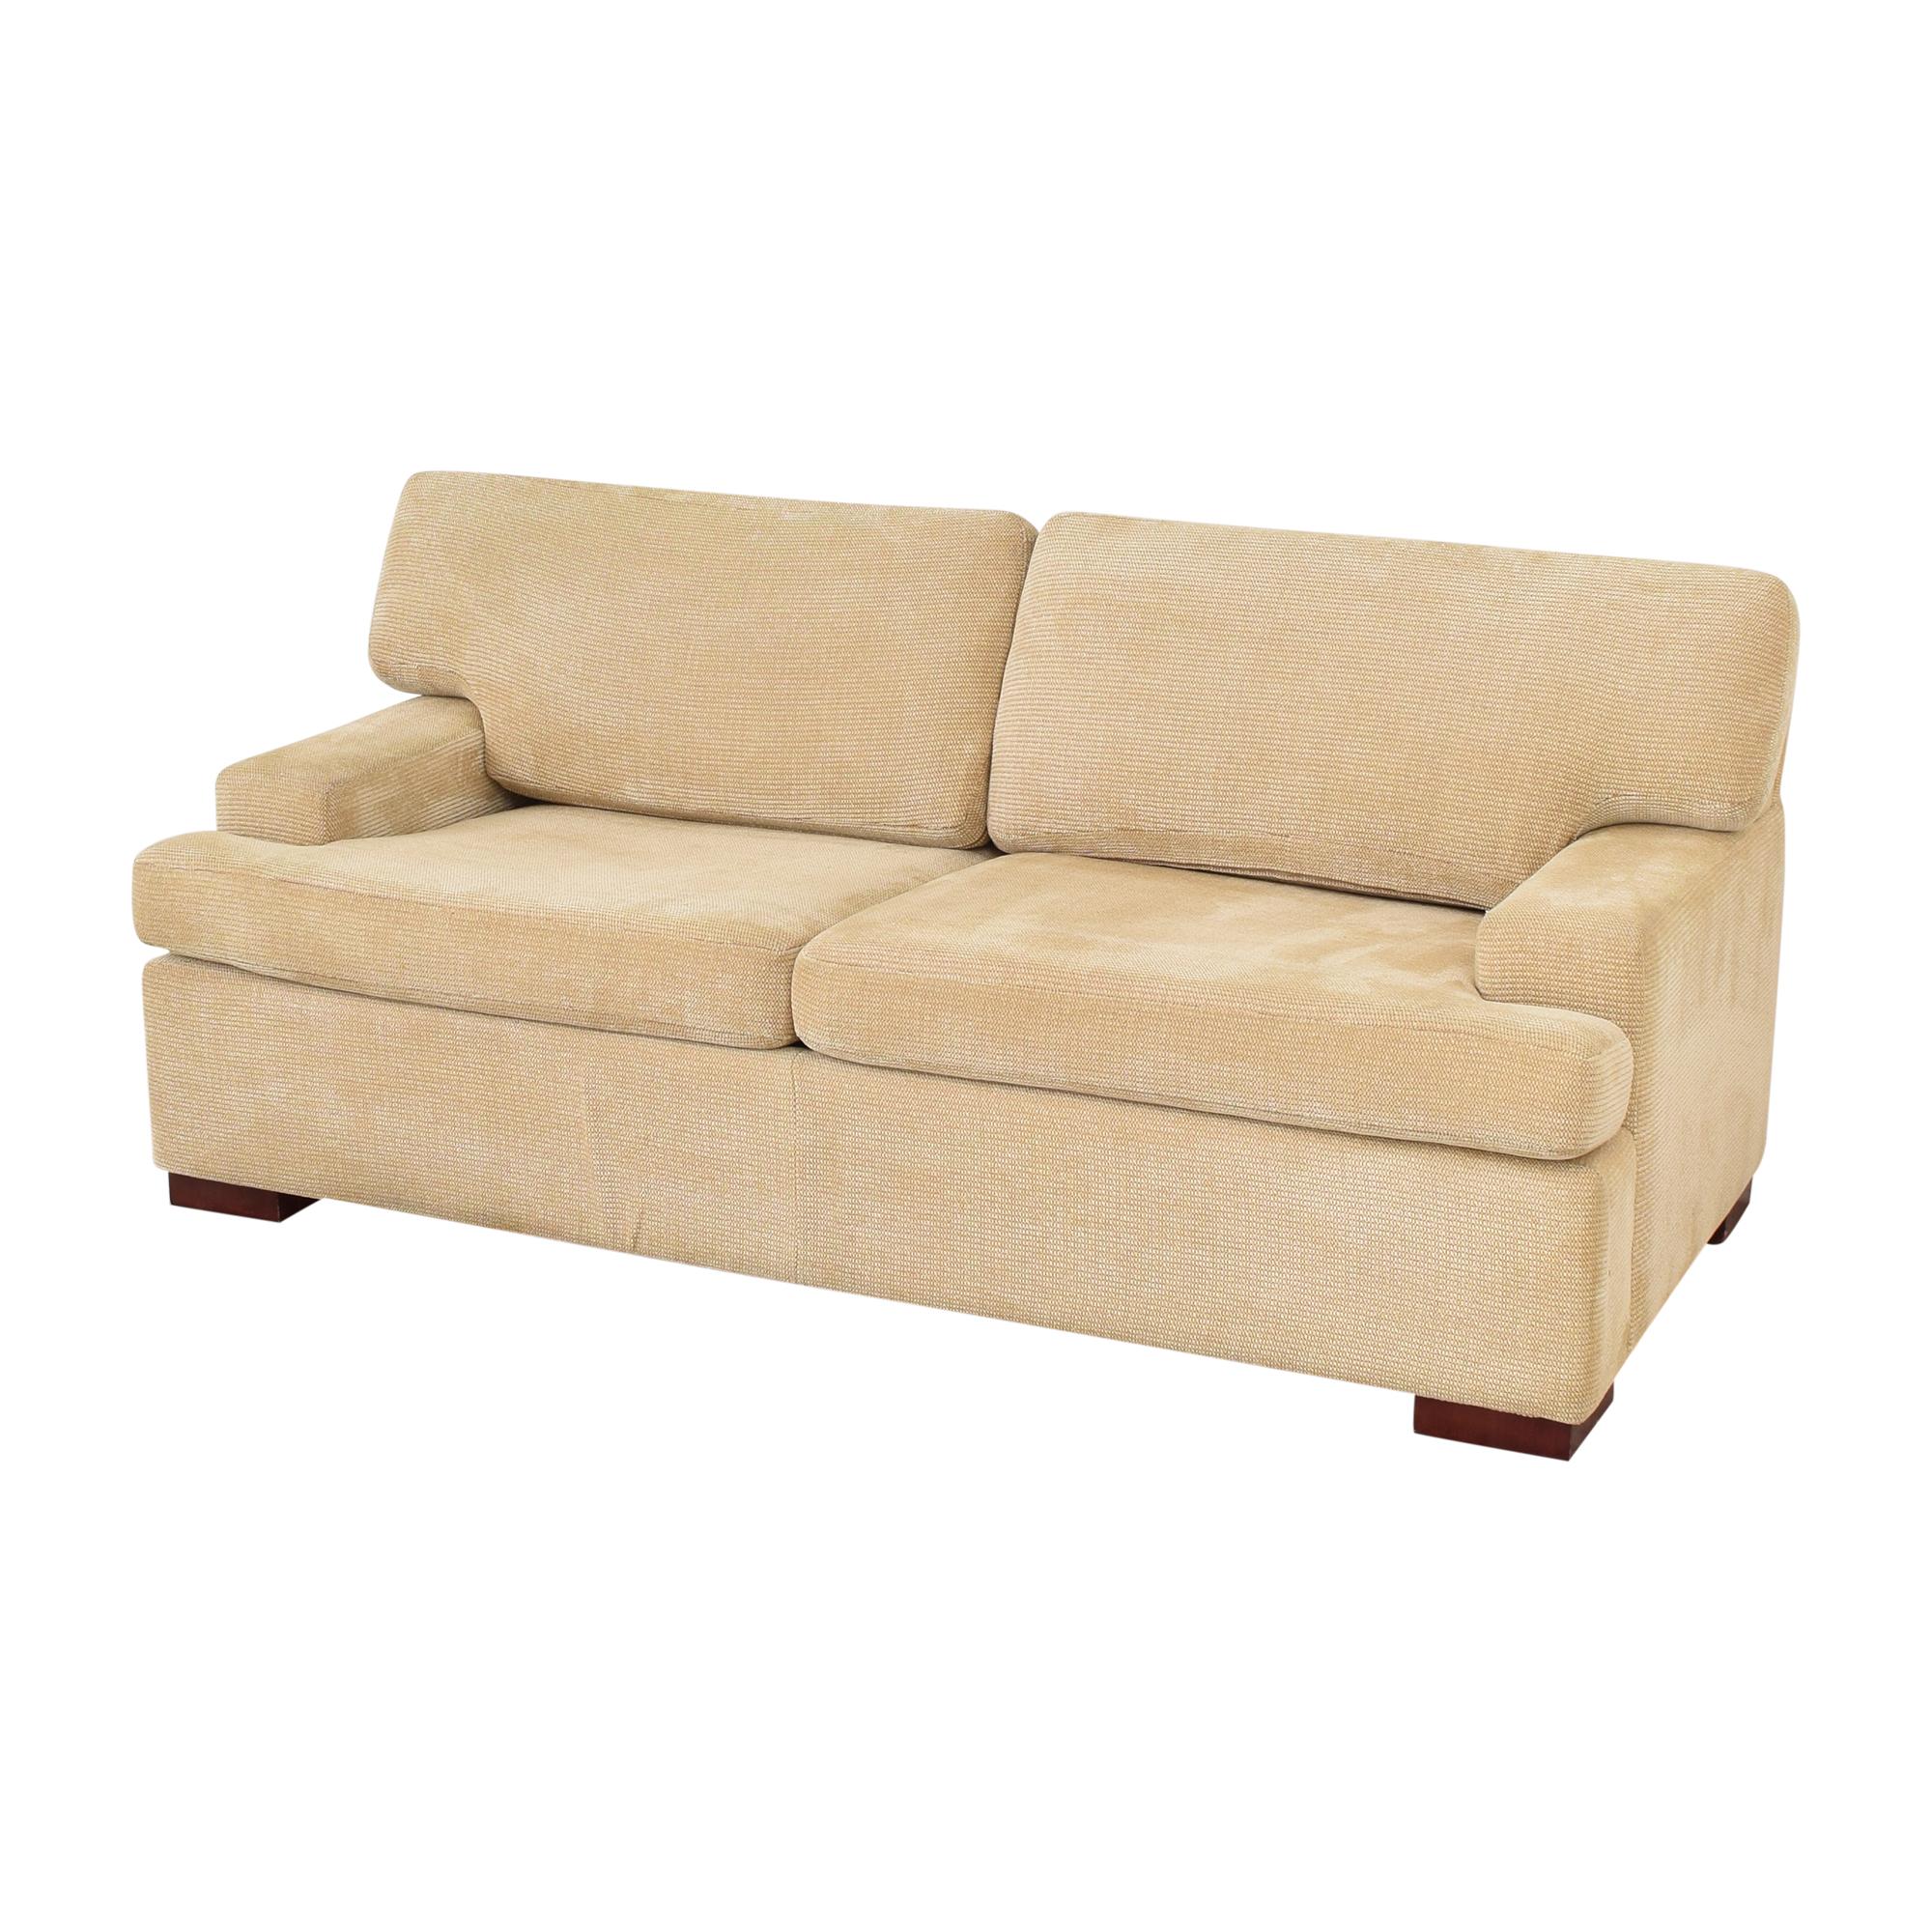 Avery Boardman Avery Boardman Sleeper Sofa for sale